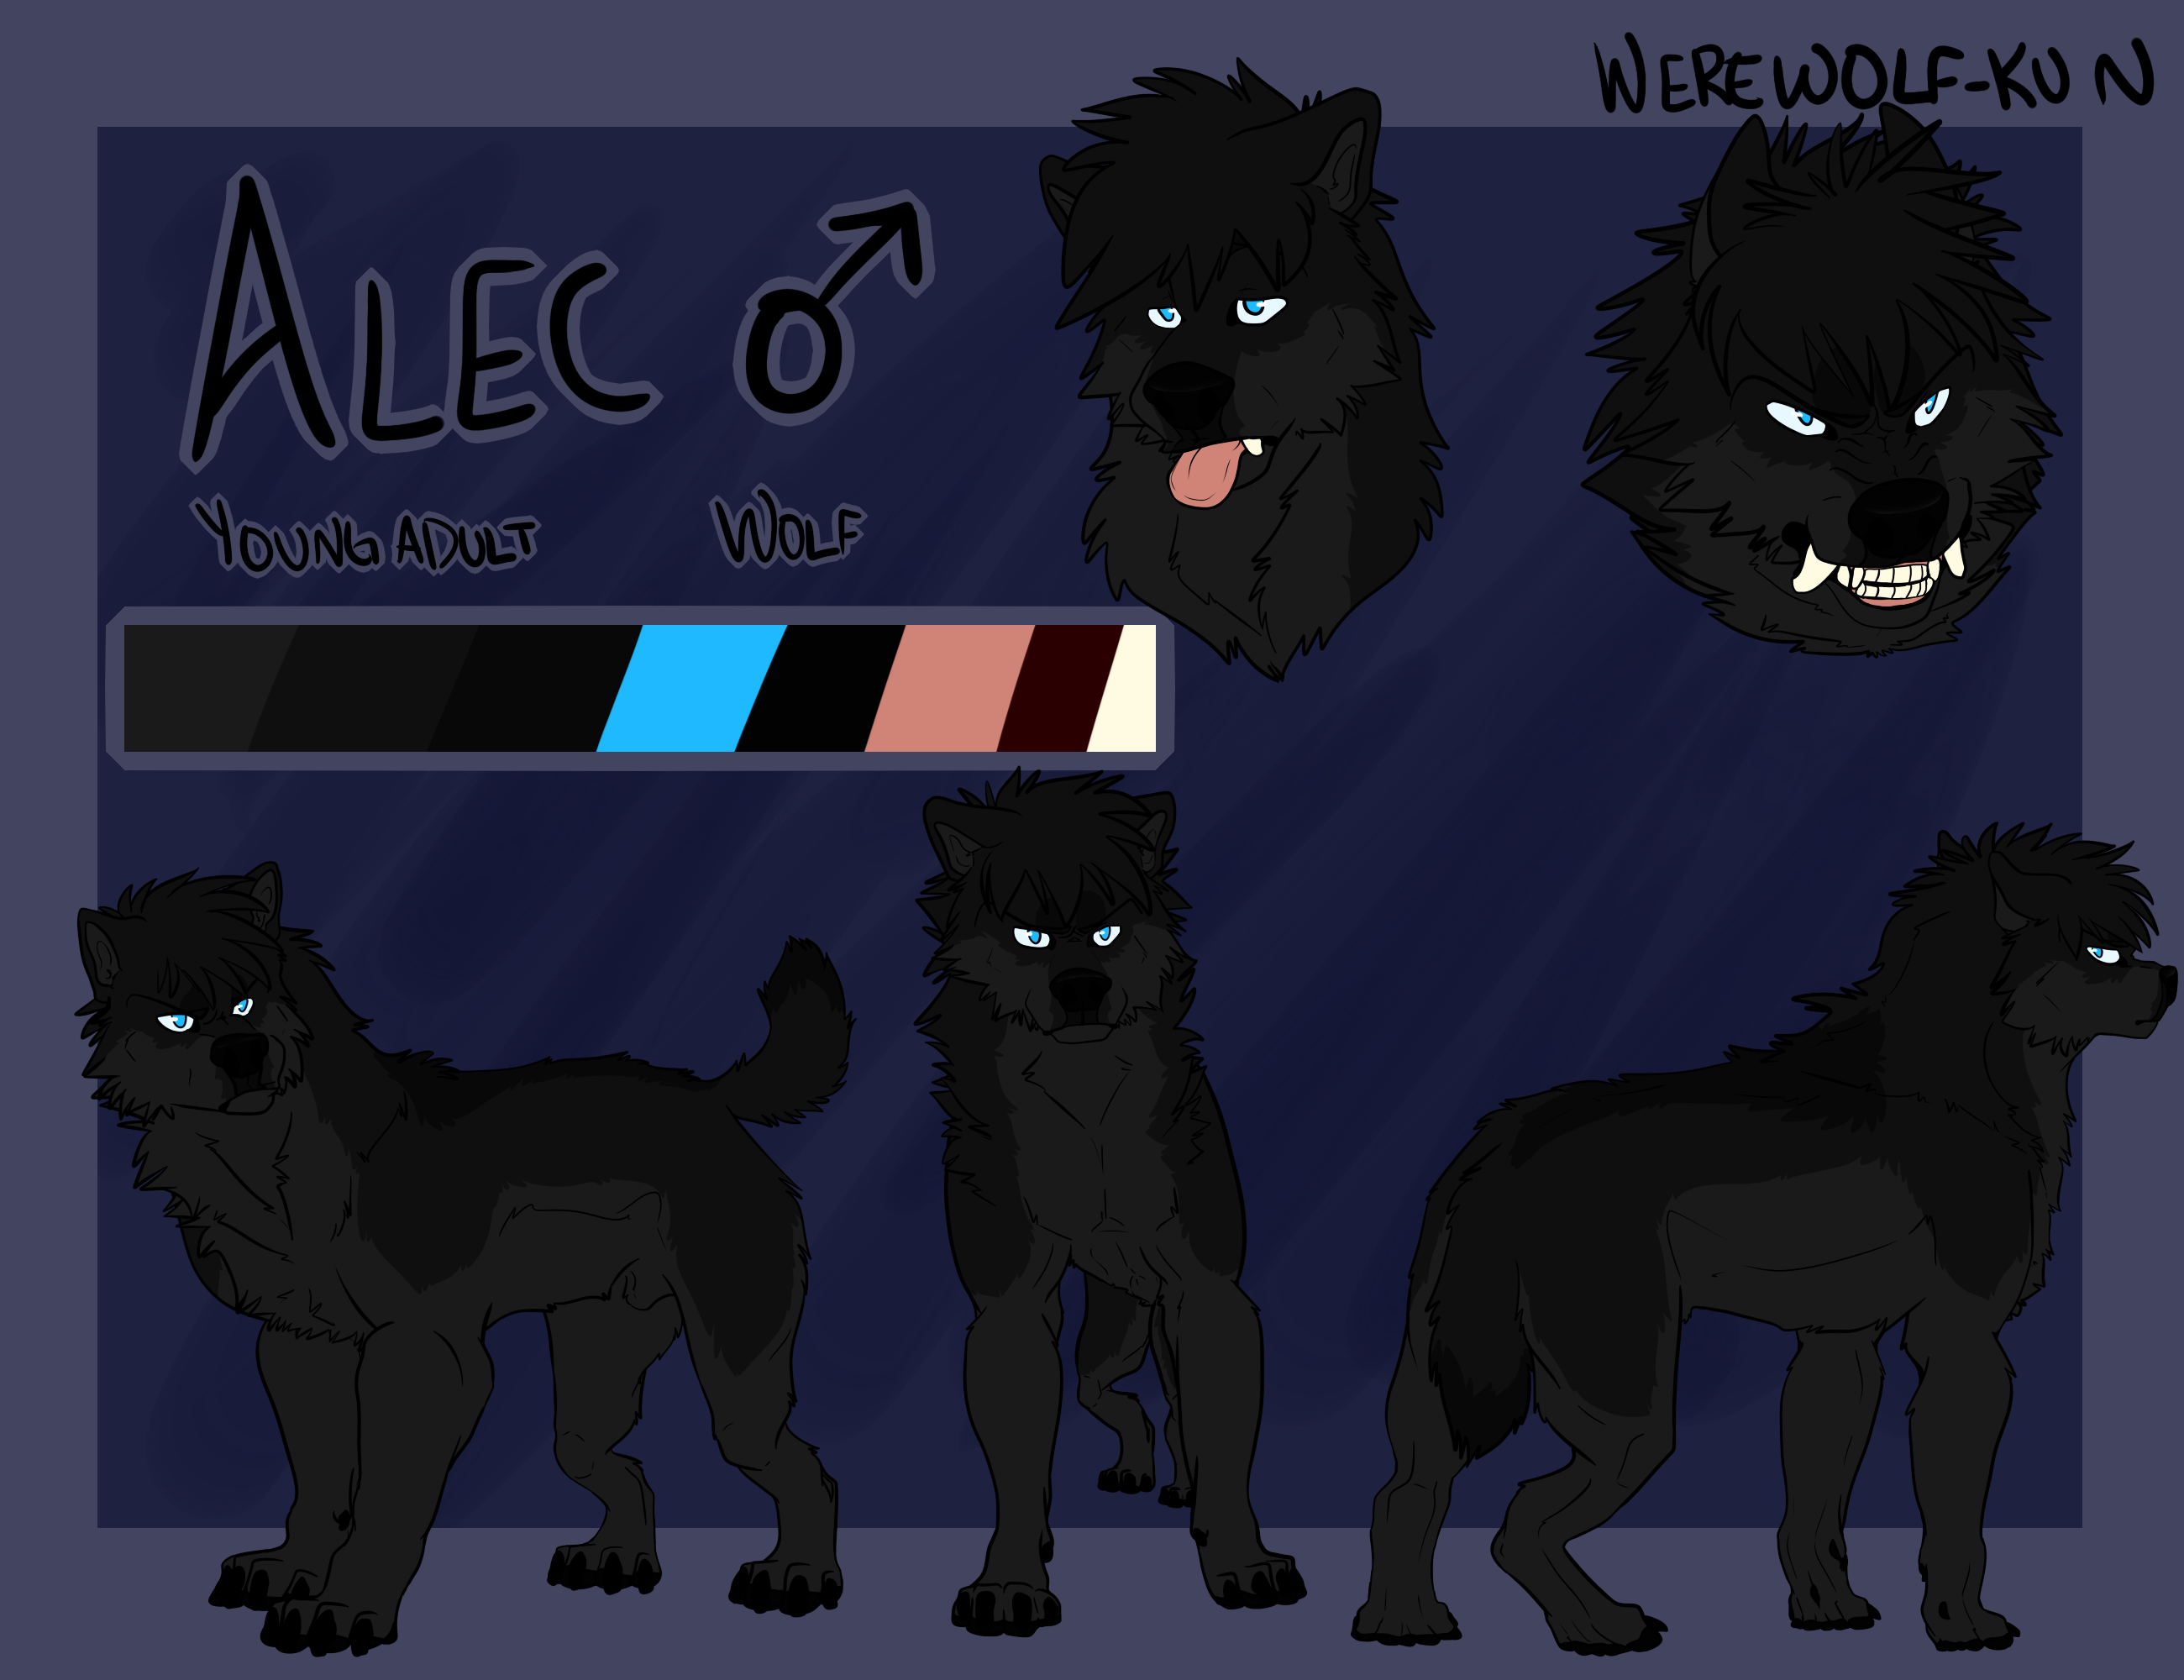 alec_ref_by_werewolfkun-day9lj4.png